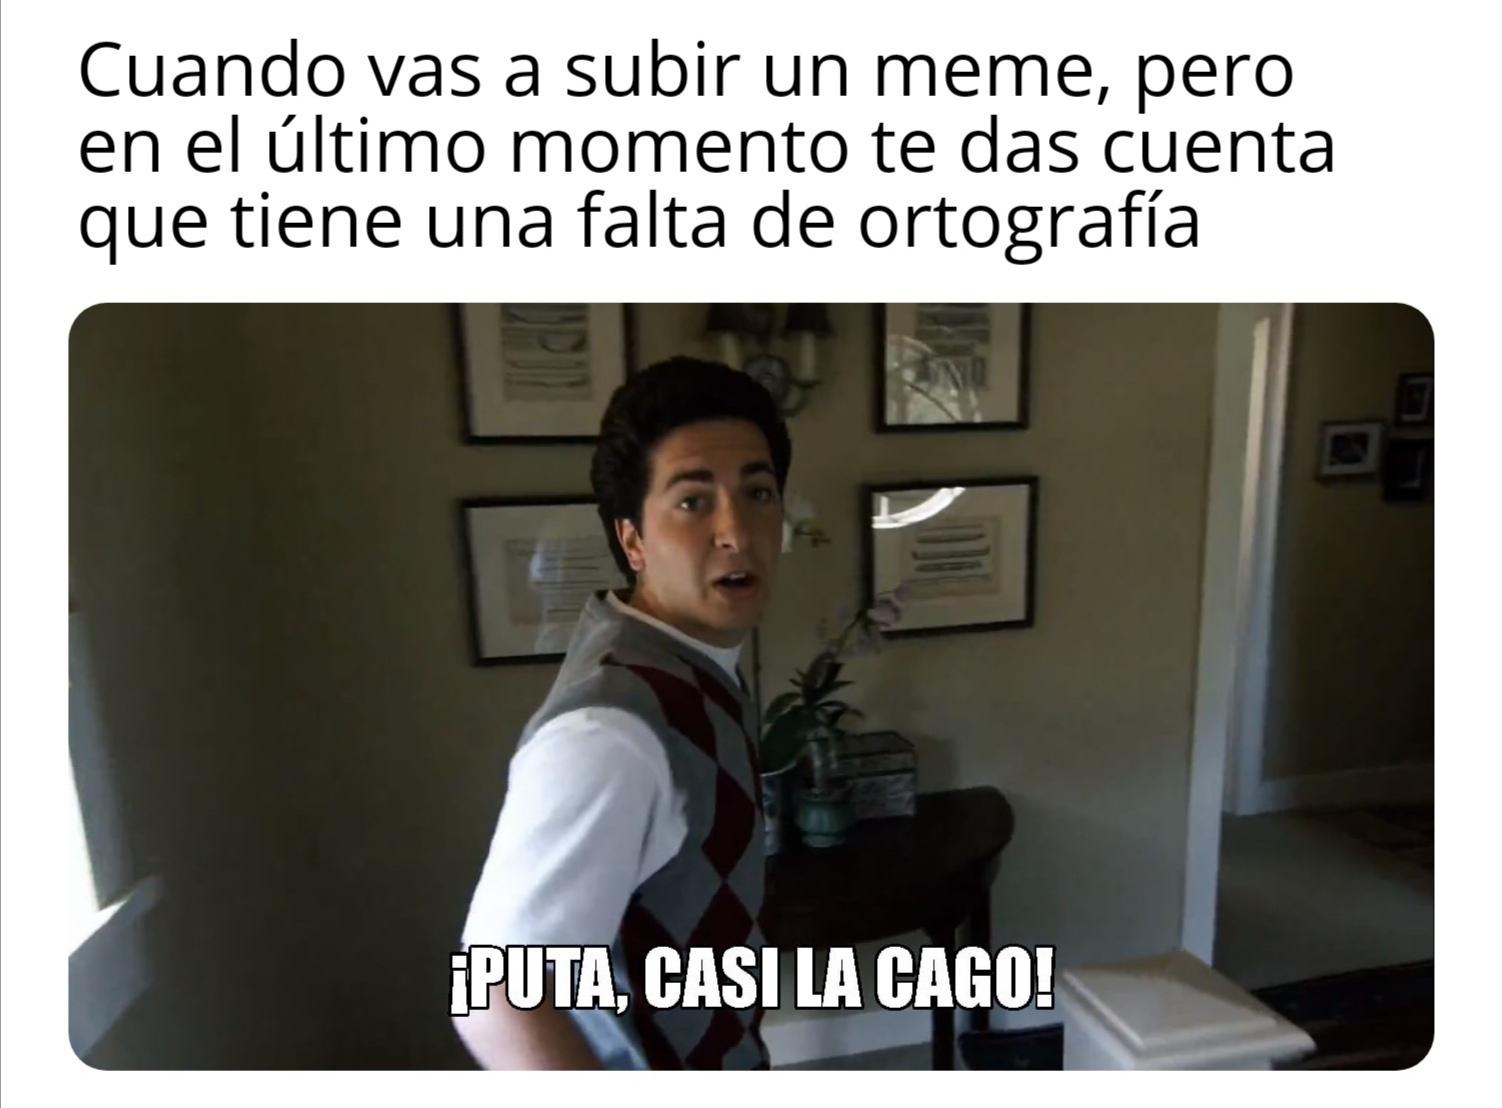 M a l a r d o - meme